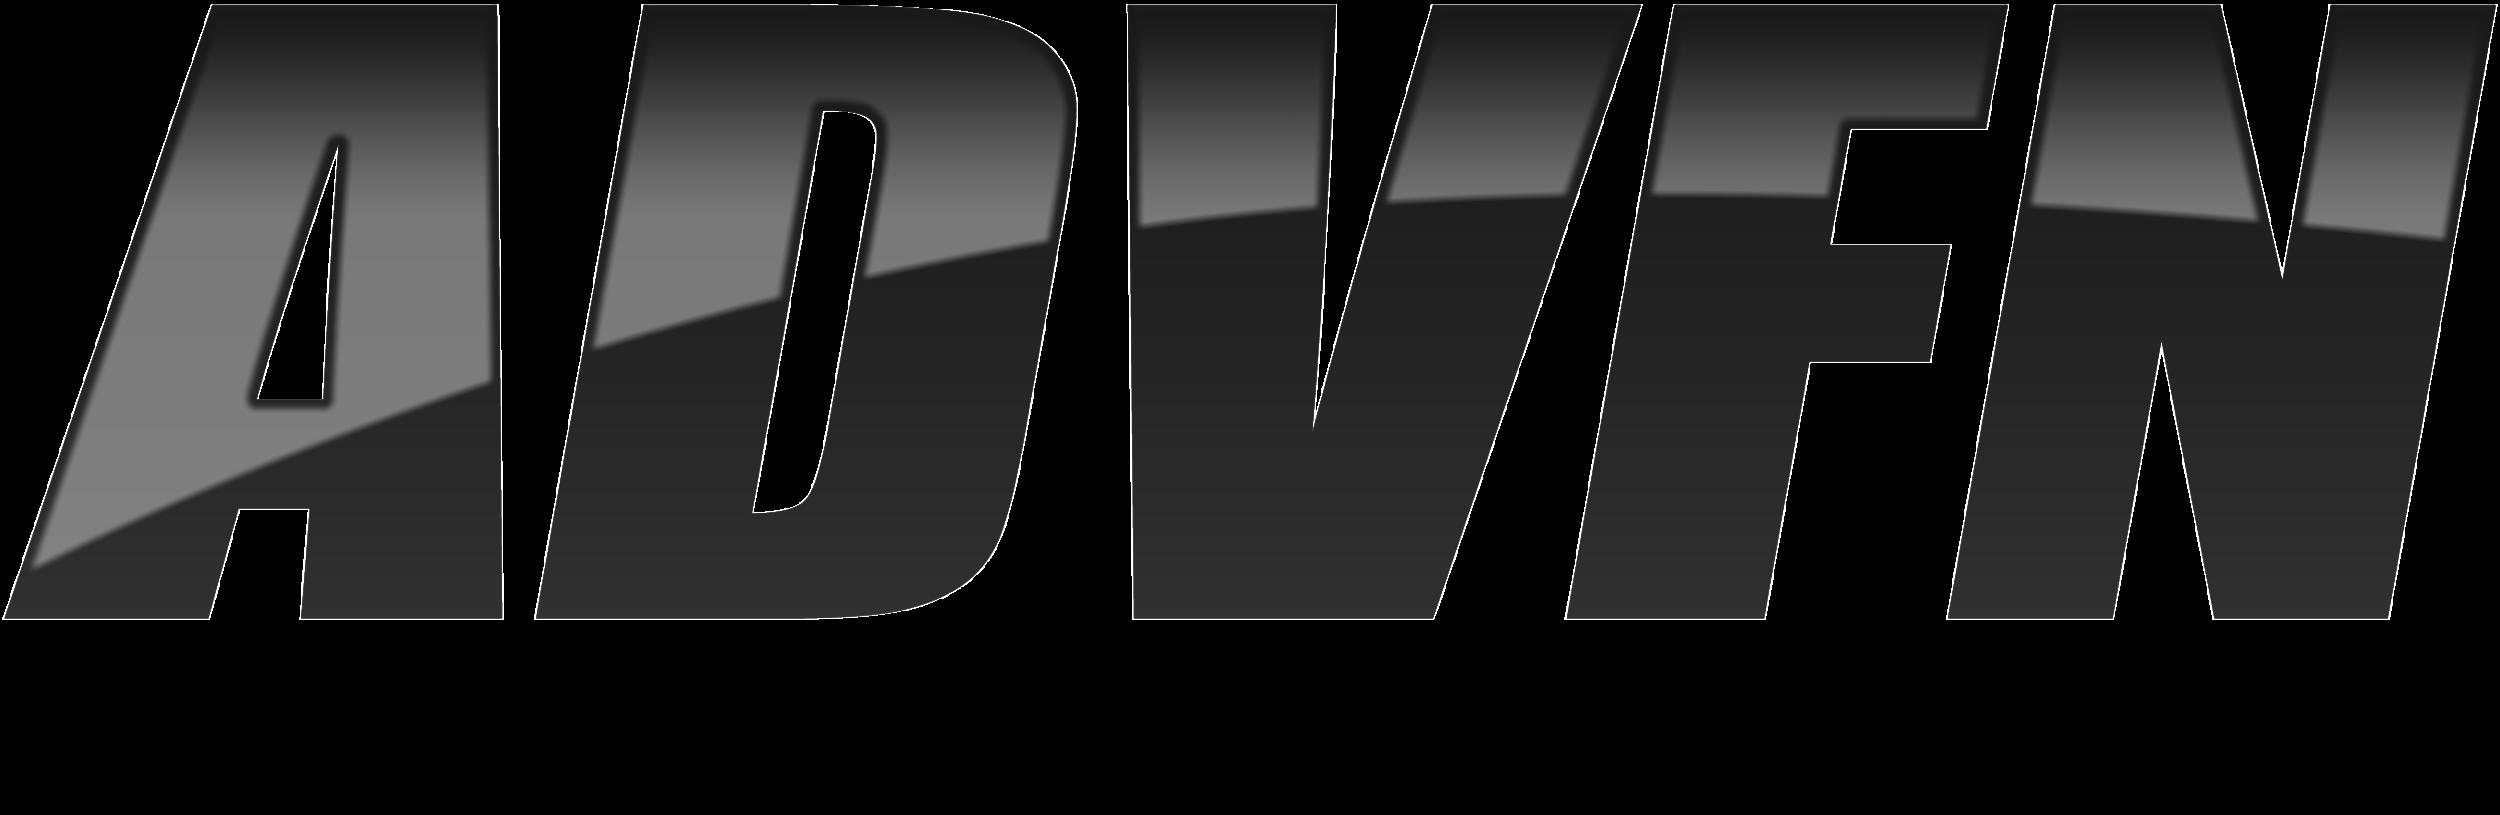 ADVFN_Plc_logo.png